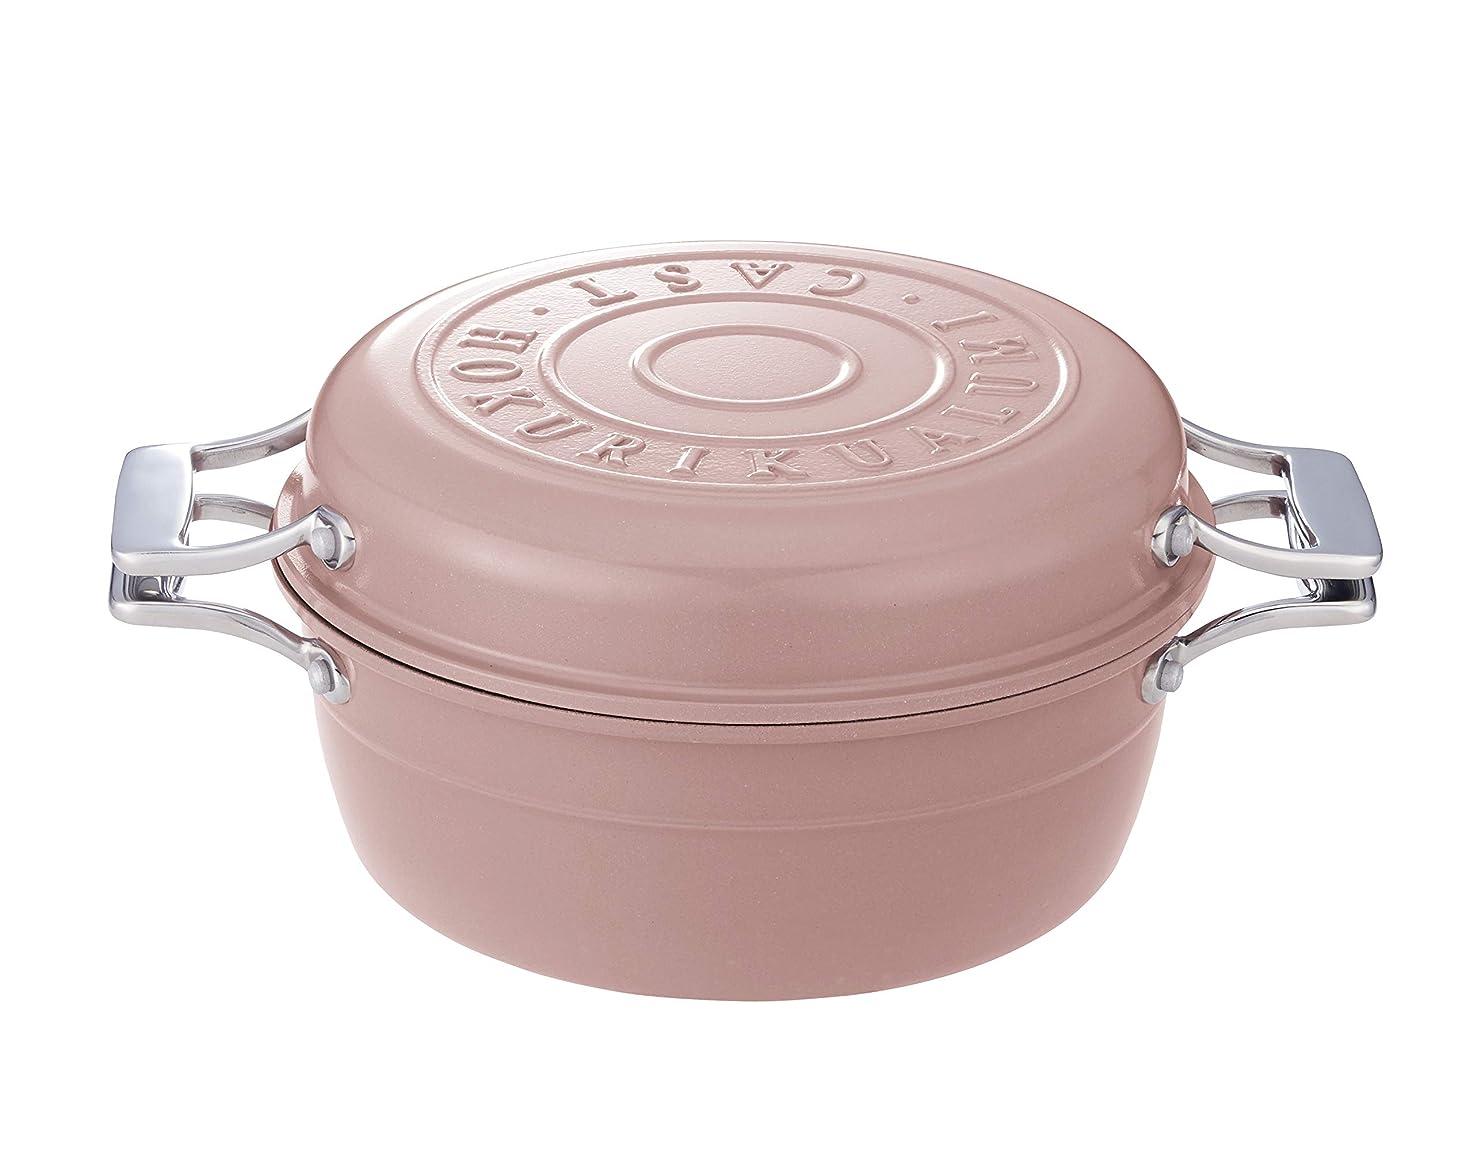 壁危険花弁北陸アルミニウム 両手鍋 アルミ鋳造琺瑯鍋 HAMON 2.6L ピンク A-2031